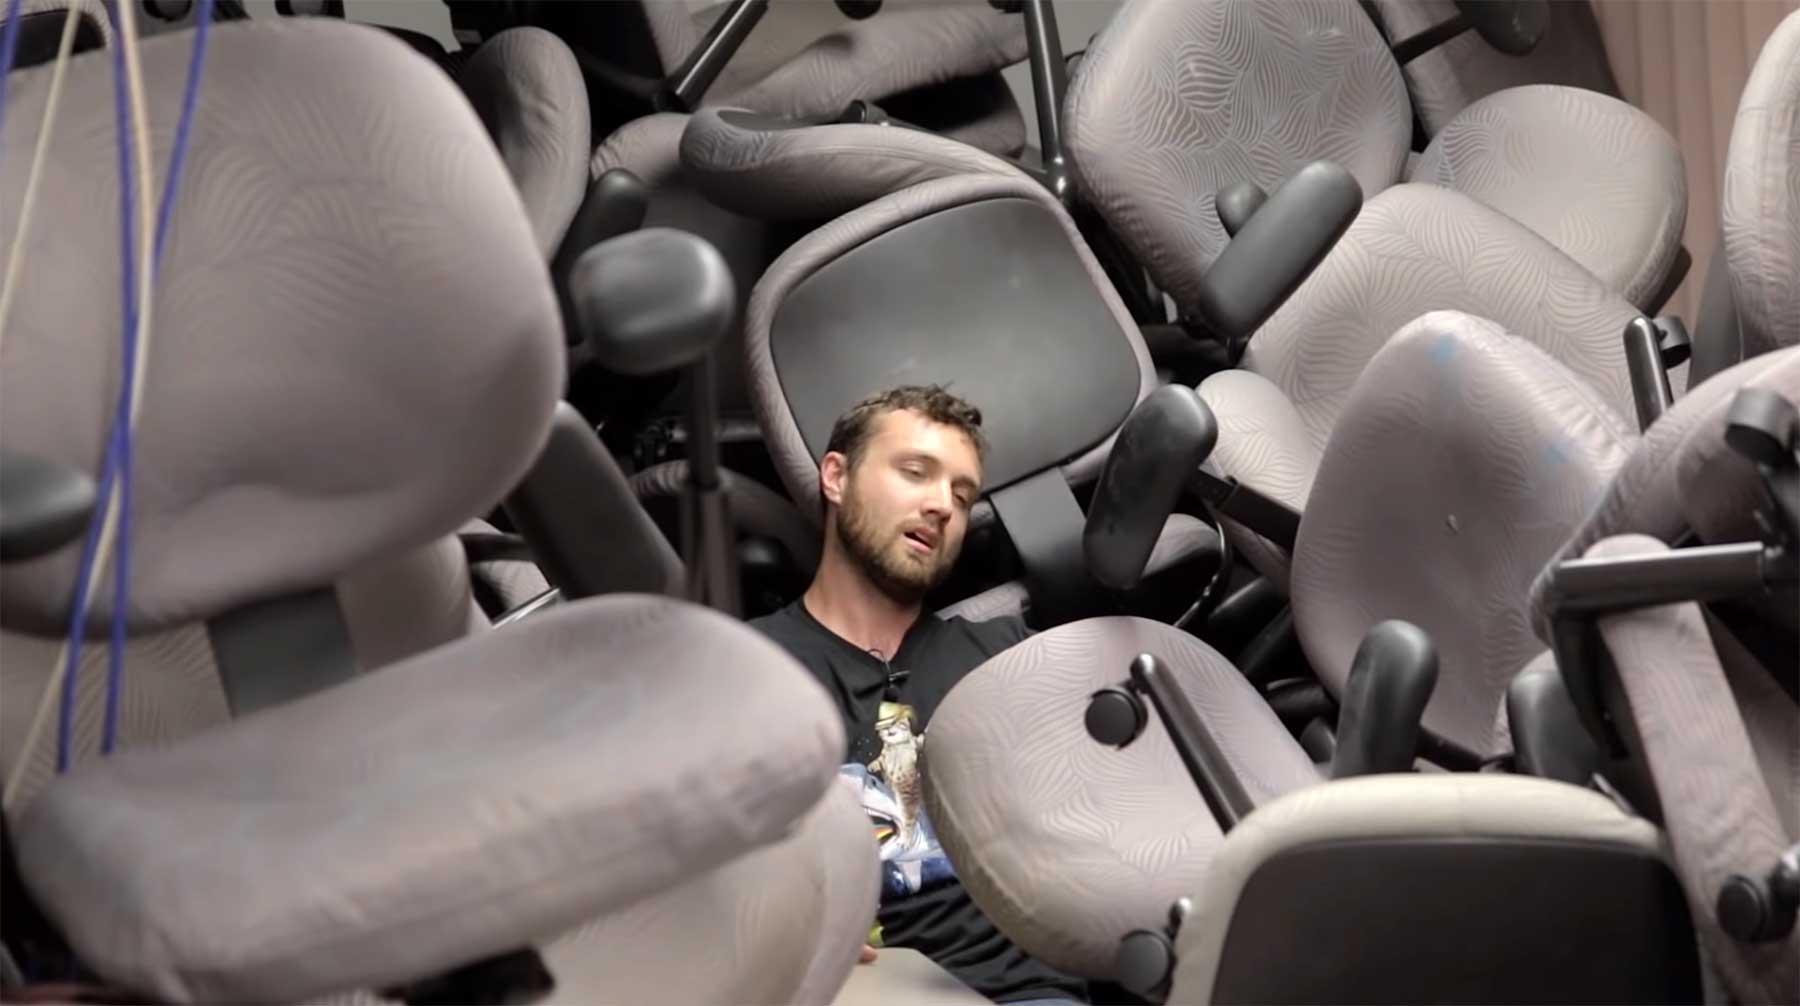 Zu. Viele. Stühle. too-many-chairs